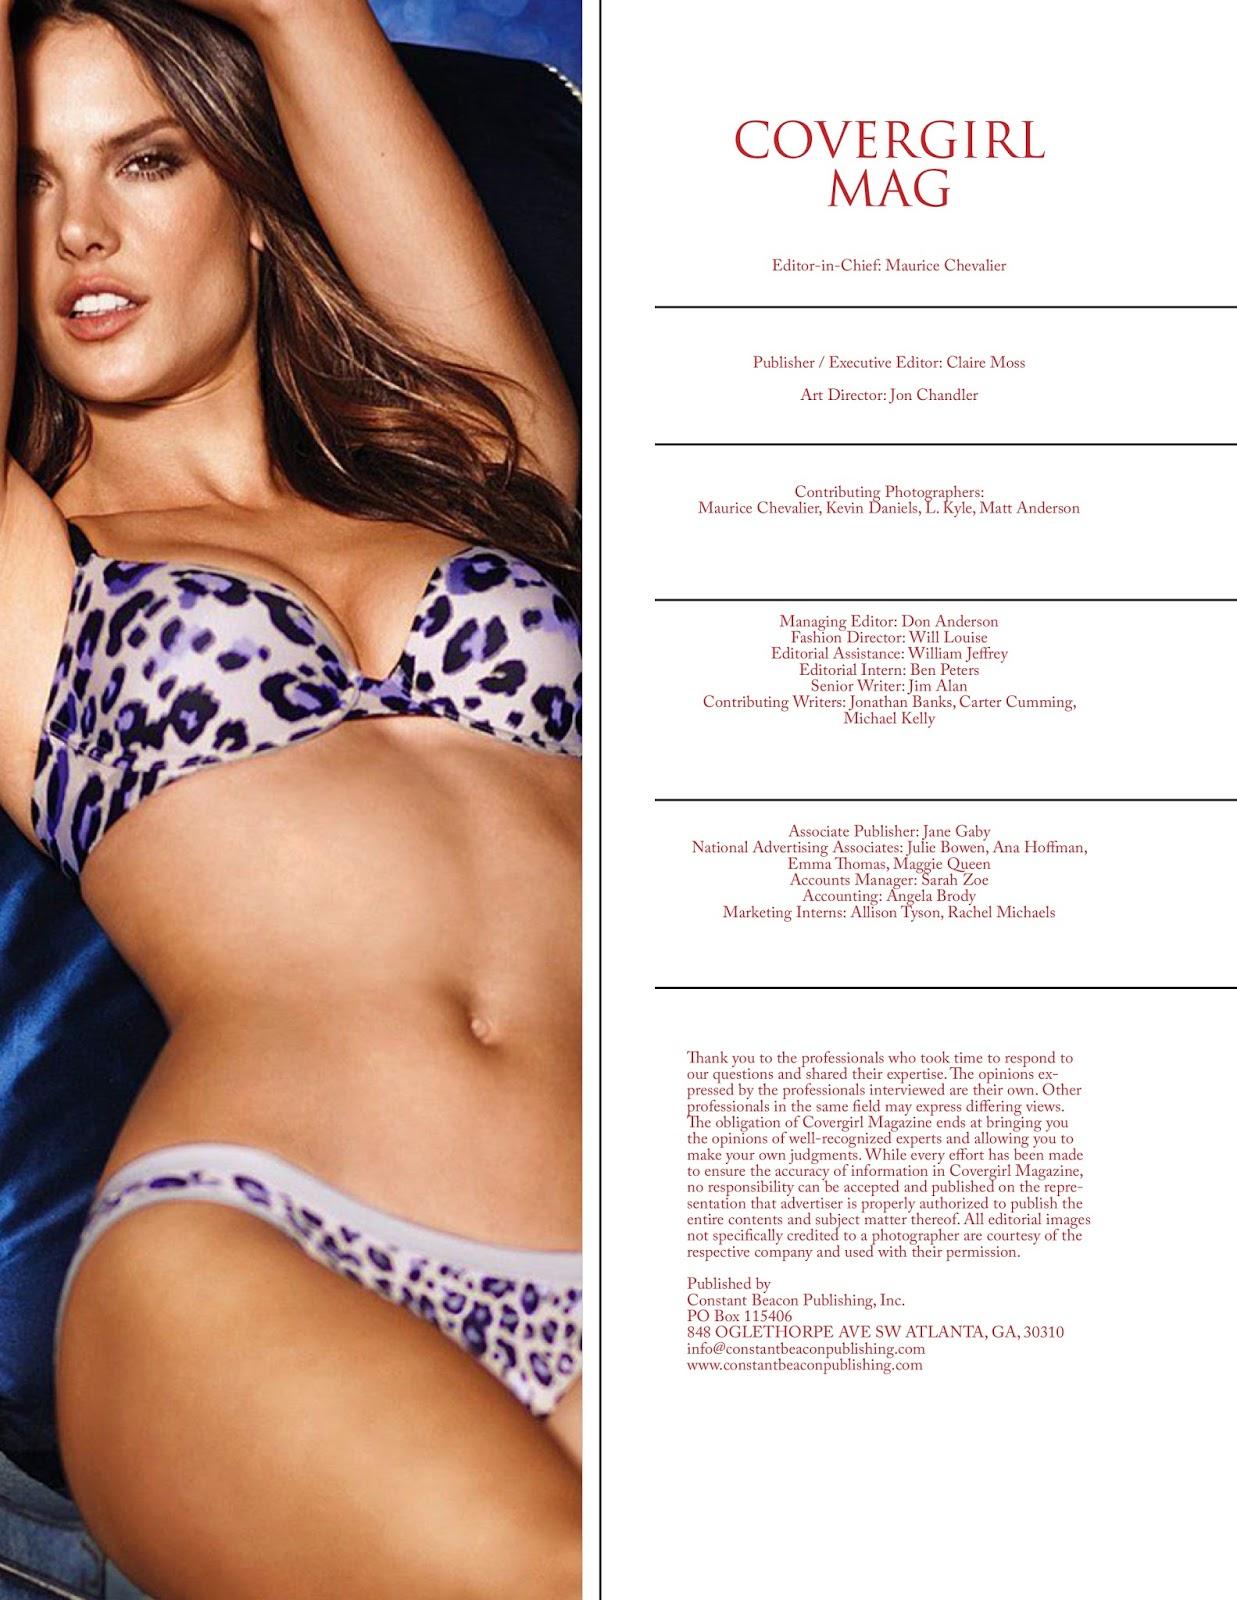 Angela Pelada fotos de alessandra ambrósio nua na covergirl 𝗫𝗫𝗫 santo